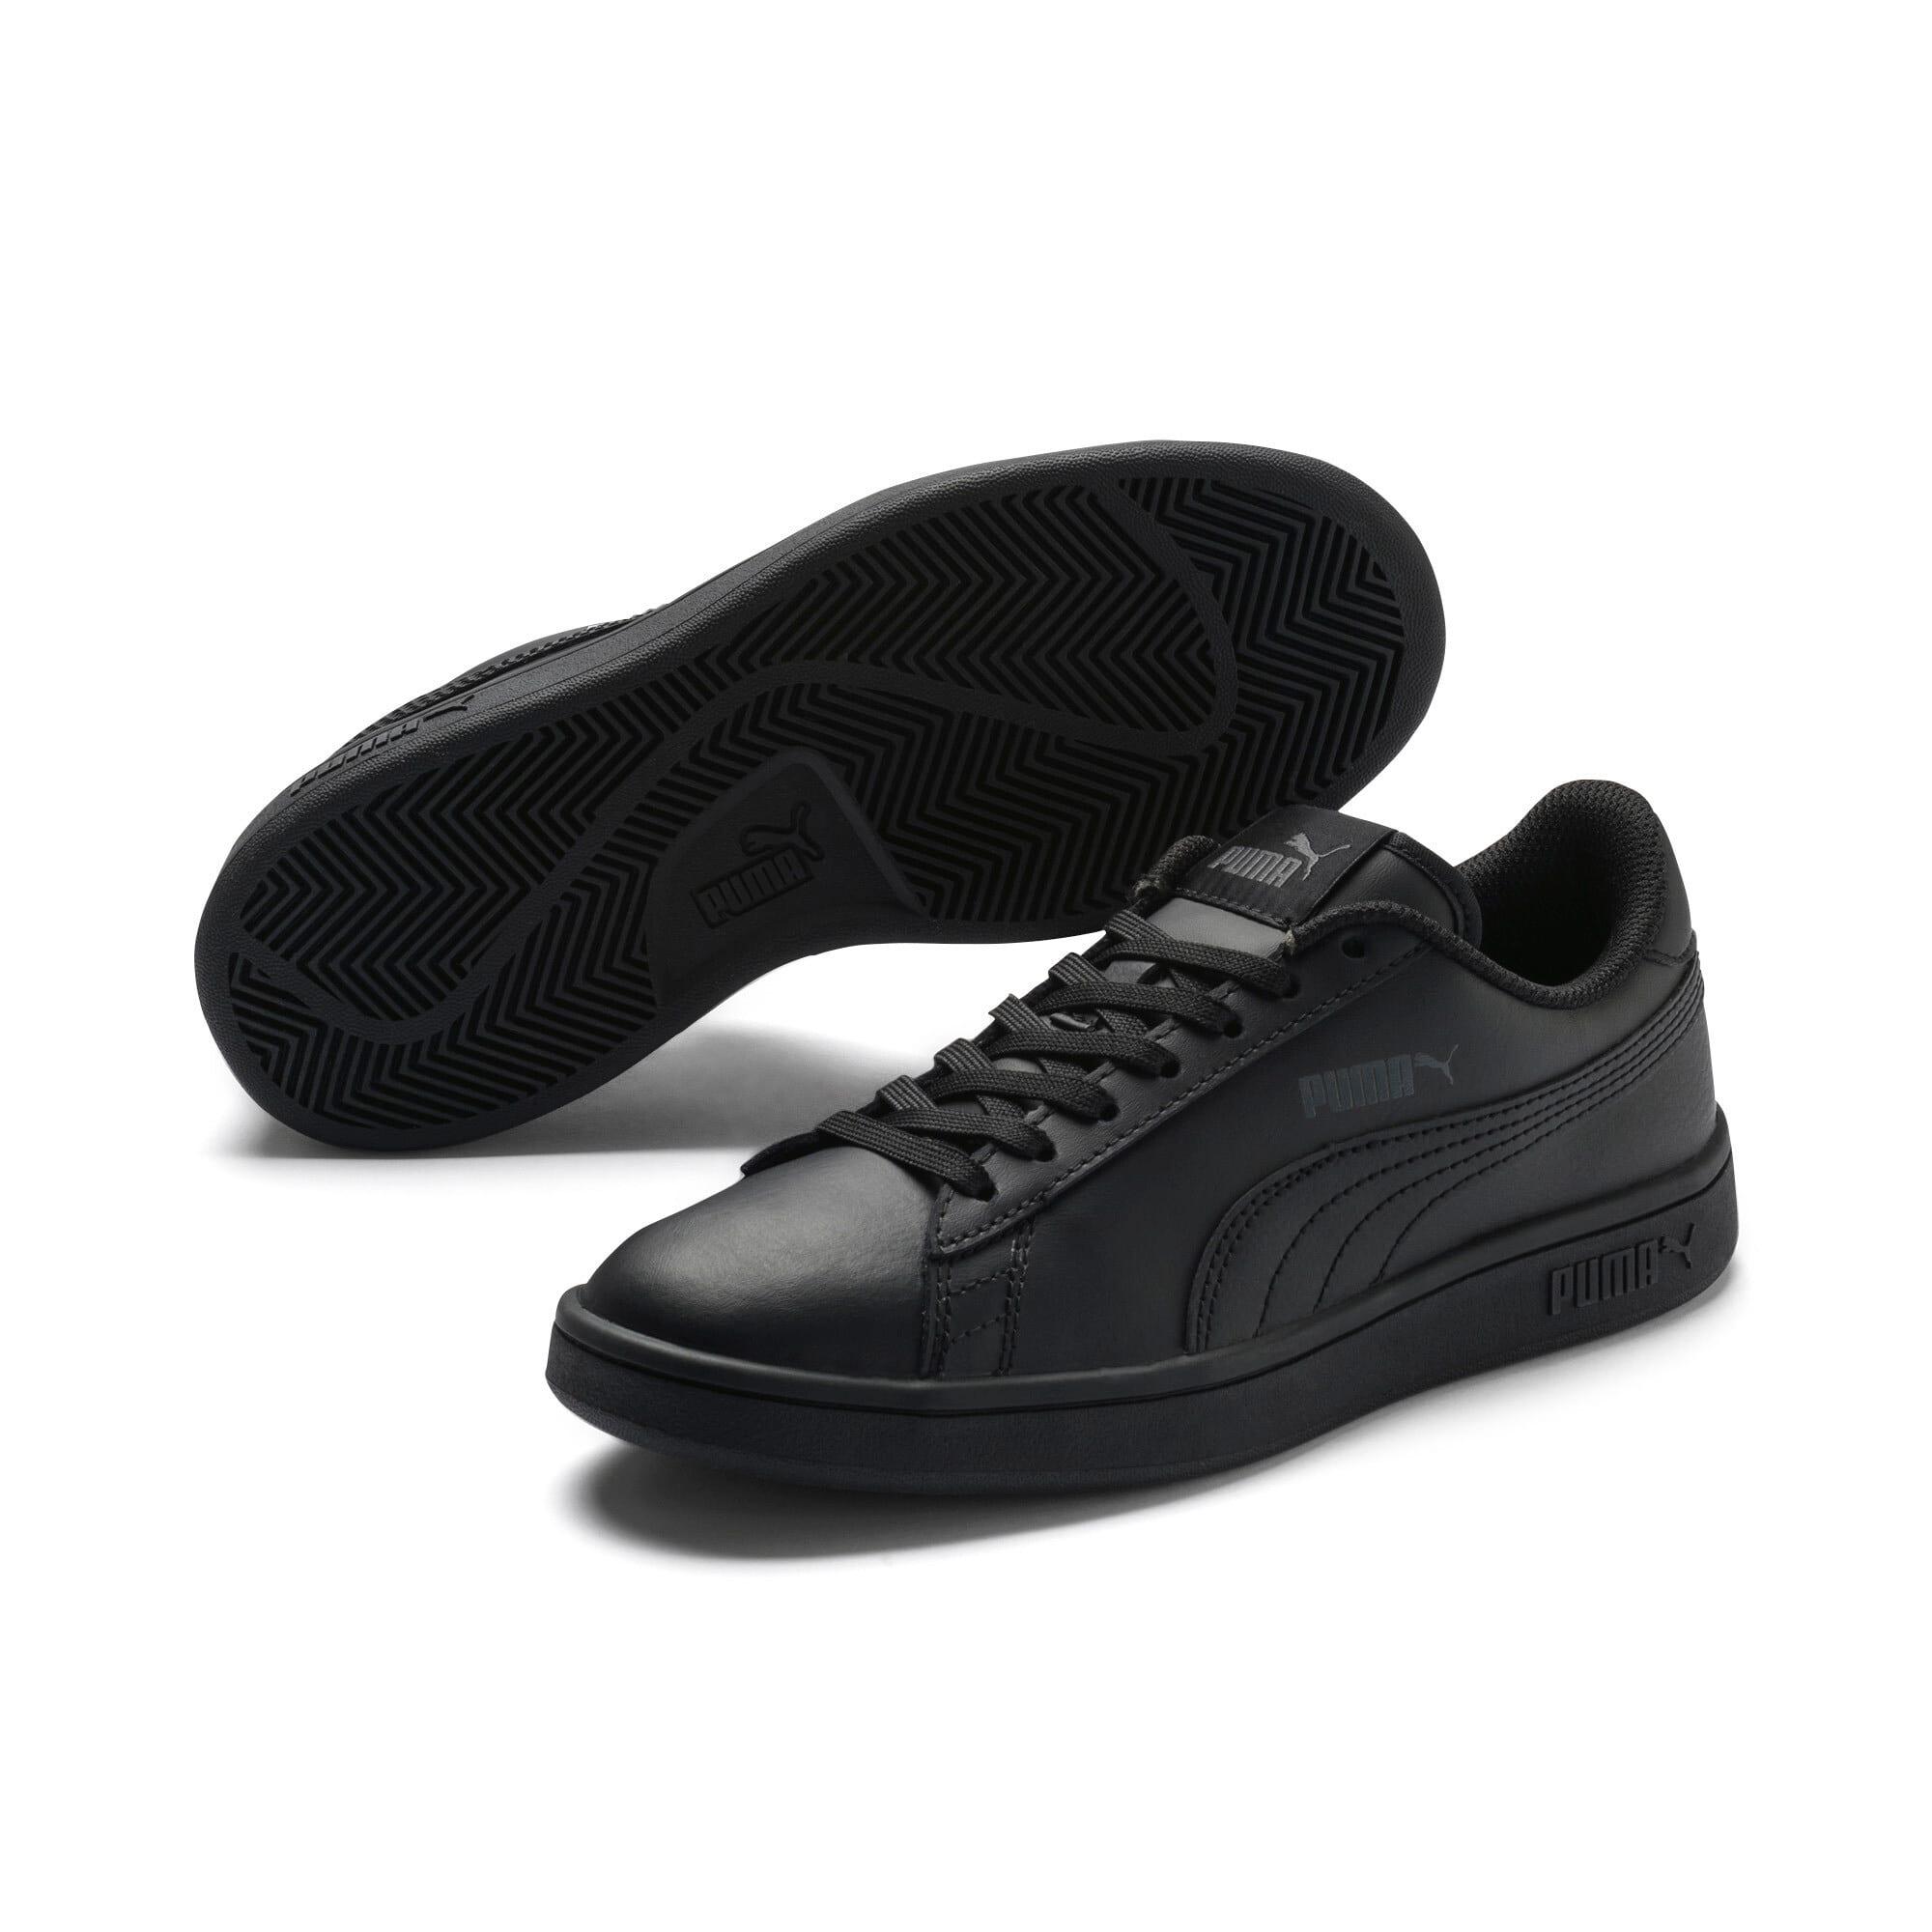 Thumbnail 2 of PUMA Smash v2 Youth Sneaker, Puma Black-Puma Black, medium